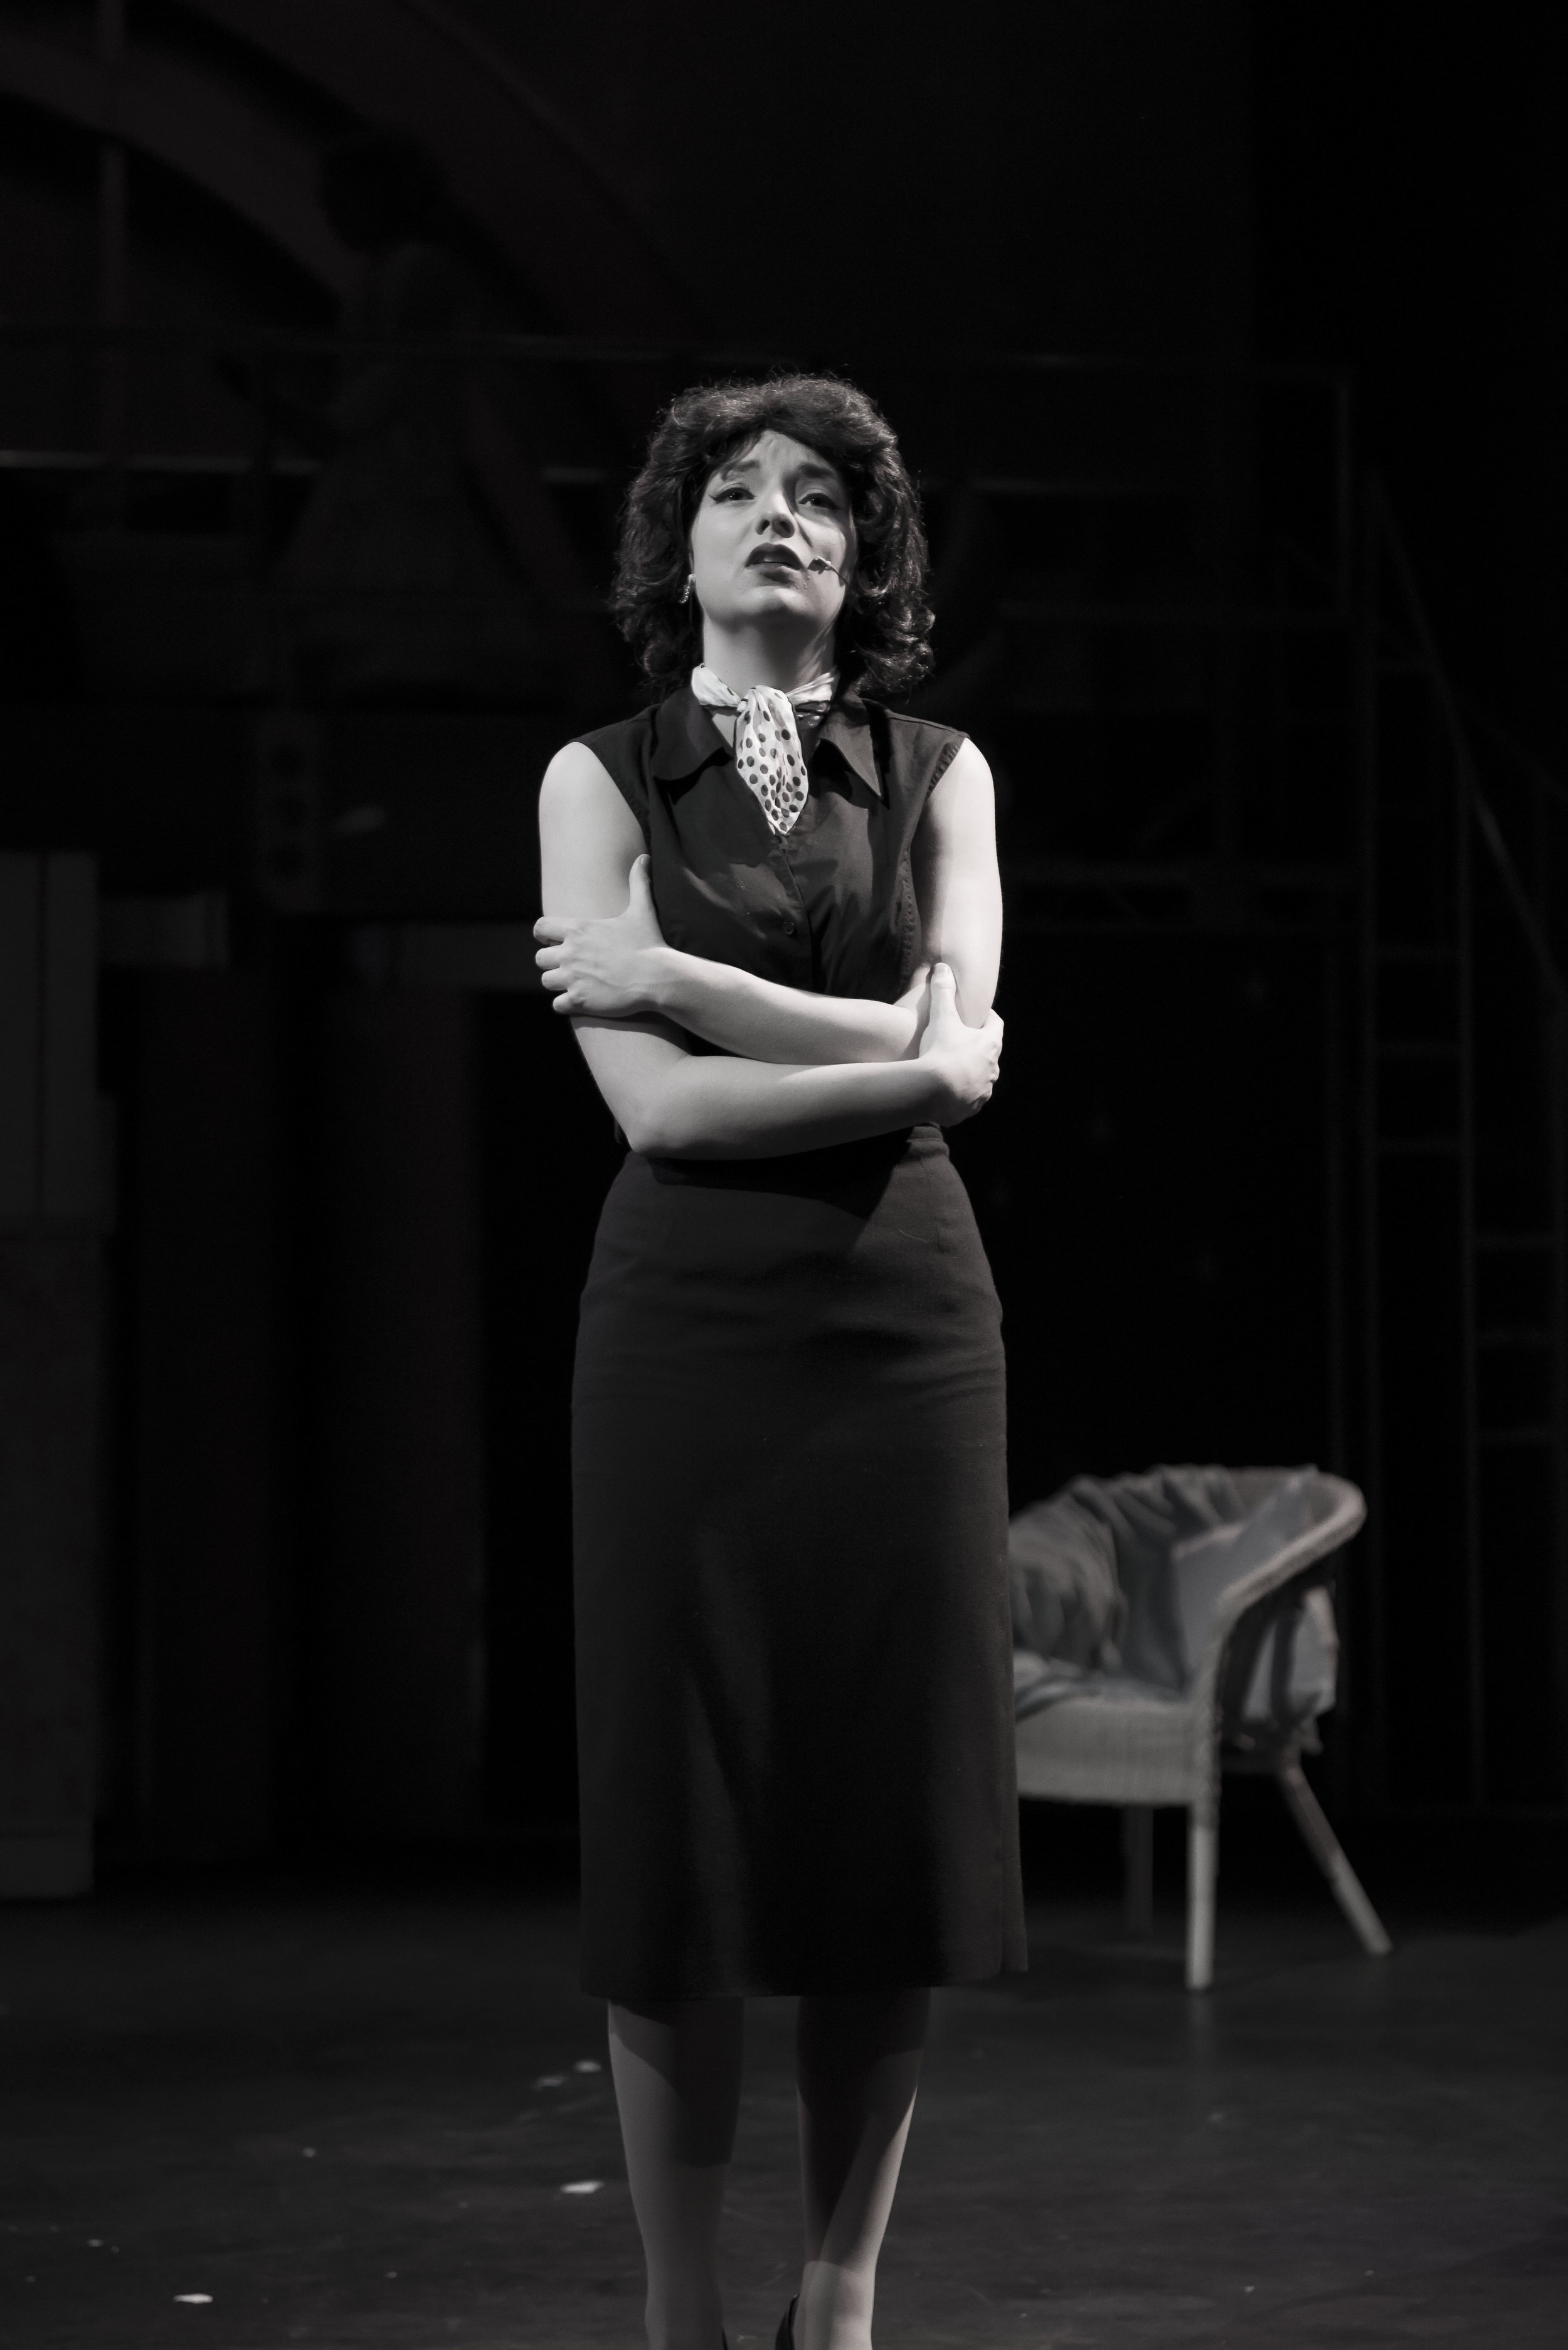 Chloe Ballard as Rizzo